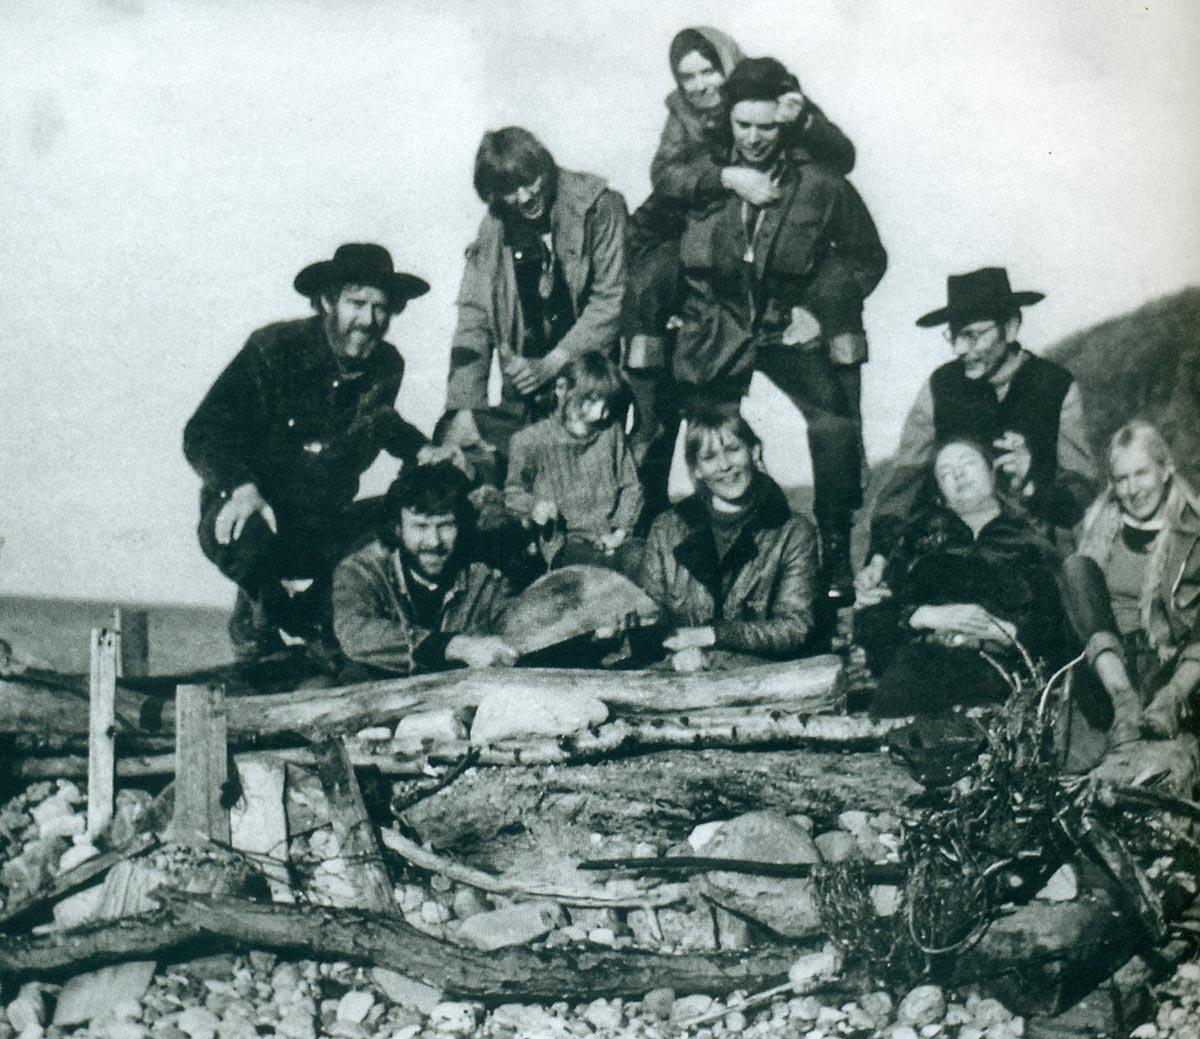 Künstlergruppe auf Rügen: Lutz Brandt (links außen), darunter Lutz Rudolph mit Familie, Matthias Frotscher (rechts) um 1970.